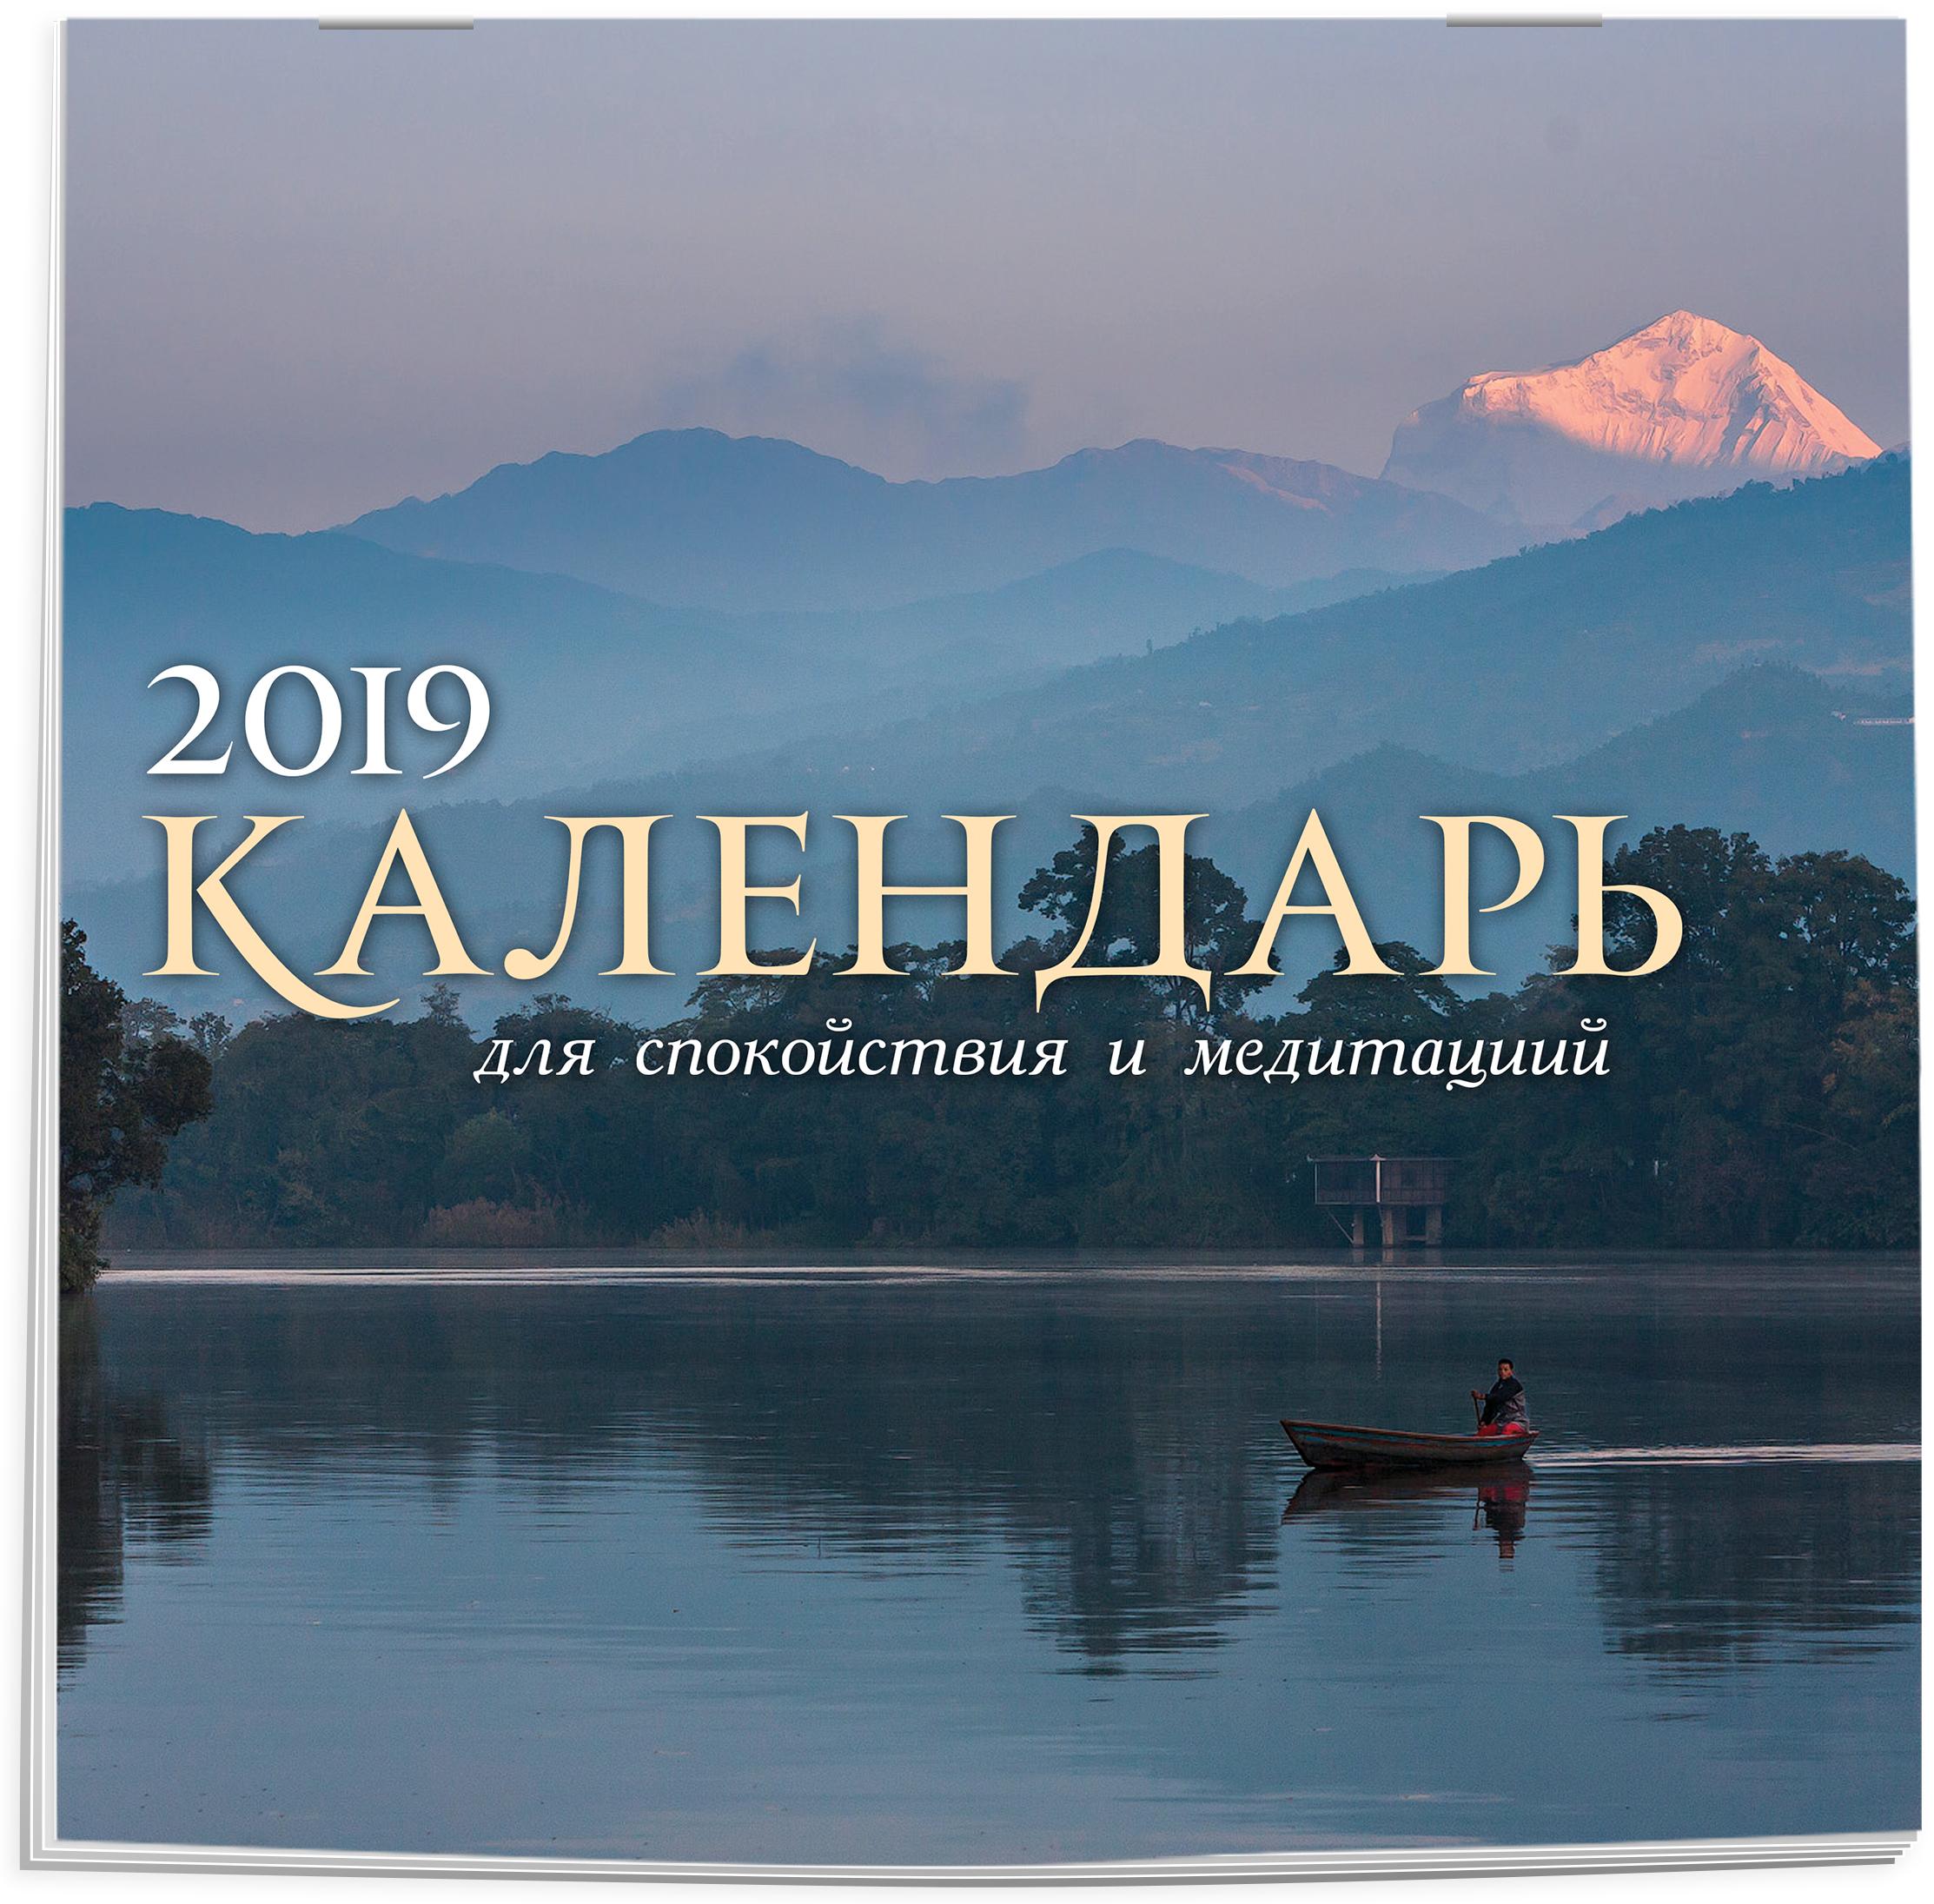 Календарь для спокойствия и медитаций 2019 ISBN: 978-5-04-093806-3